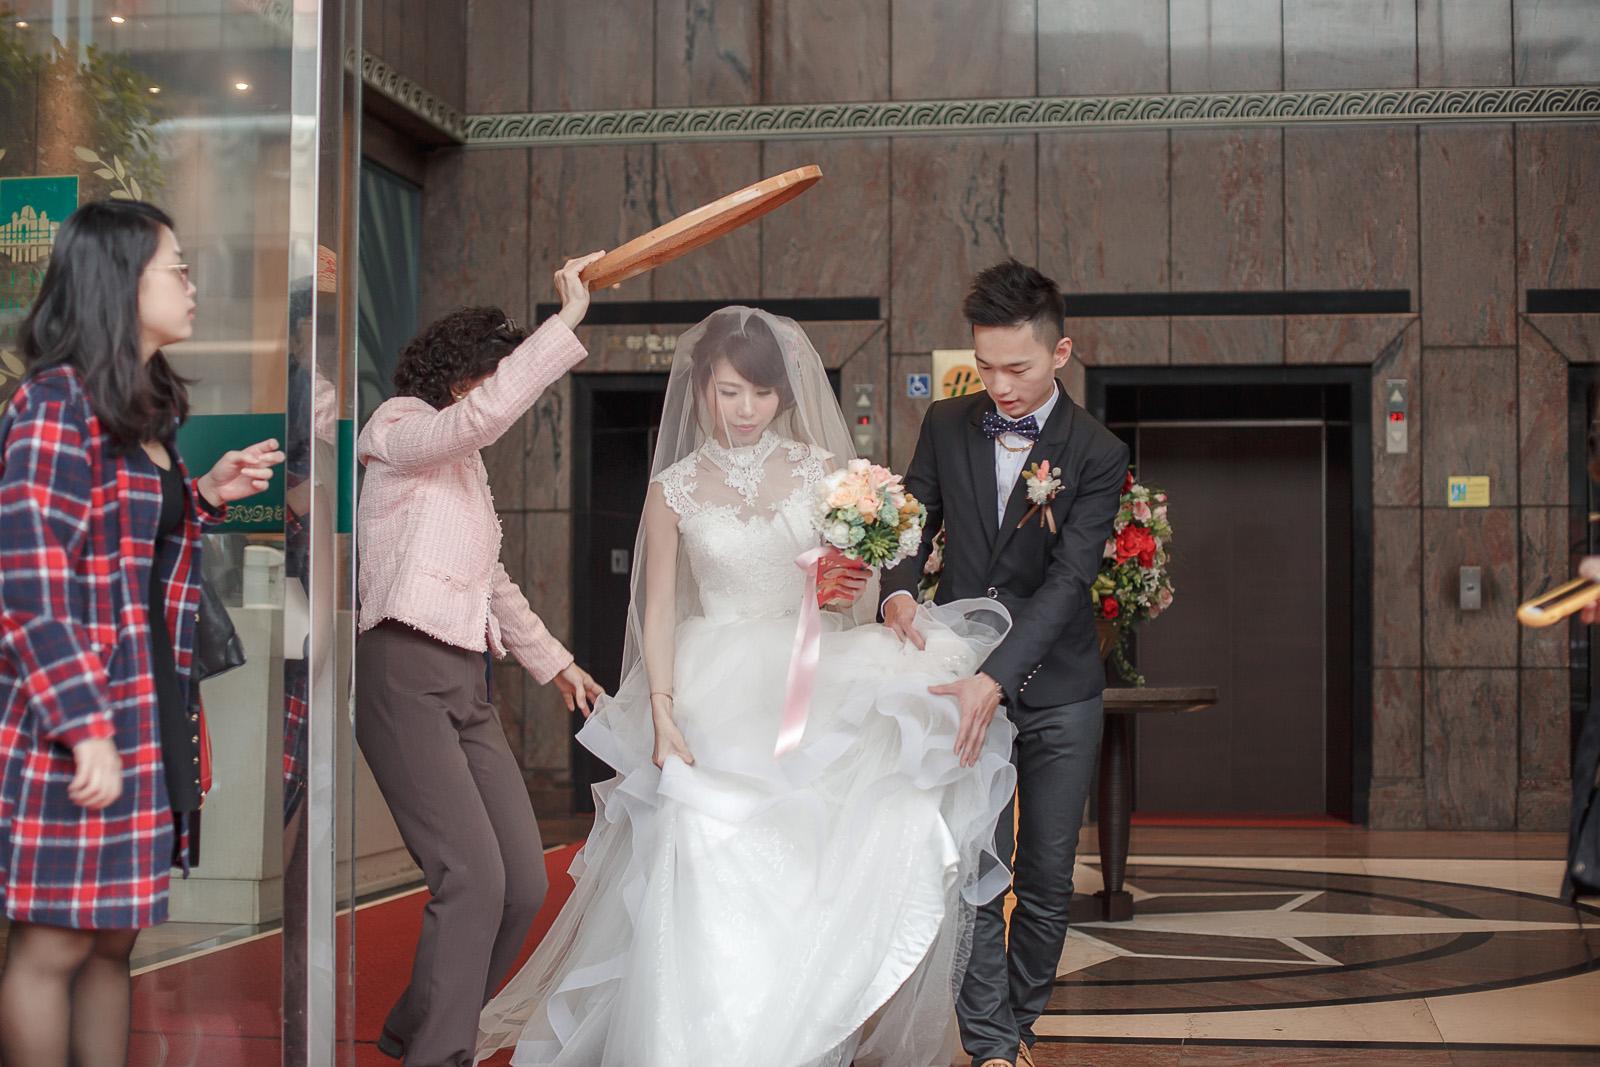 高雄圓山飯店,婚禮攝影,婚攝,高雄婚攝,優質婚攝推薦,Jen&Ethan-157